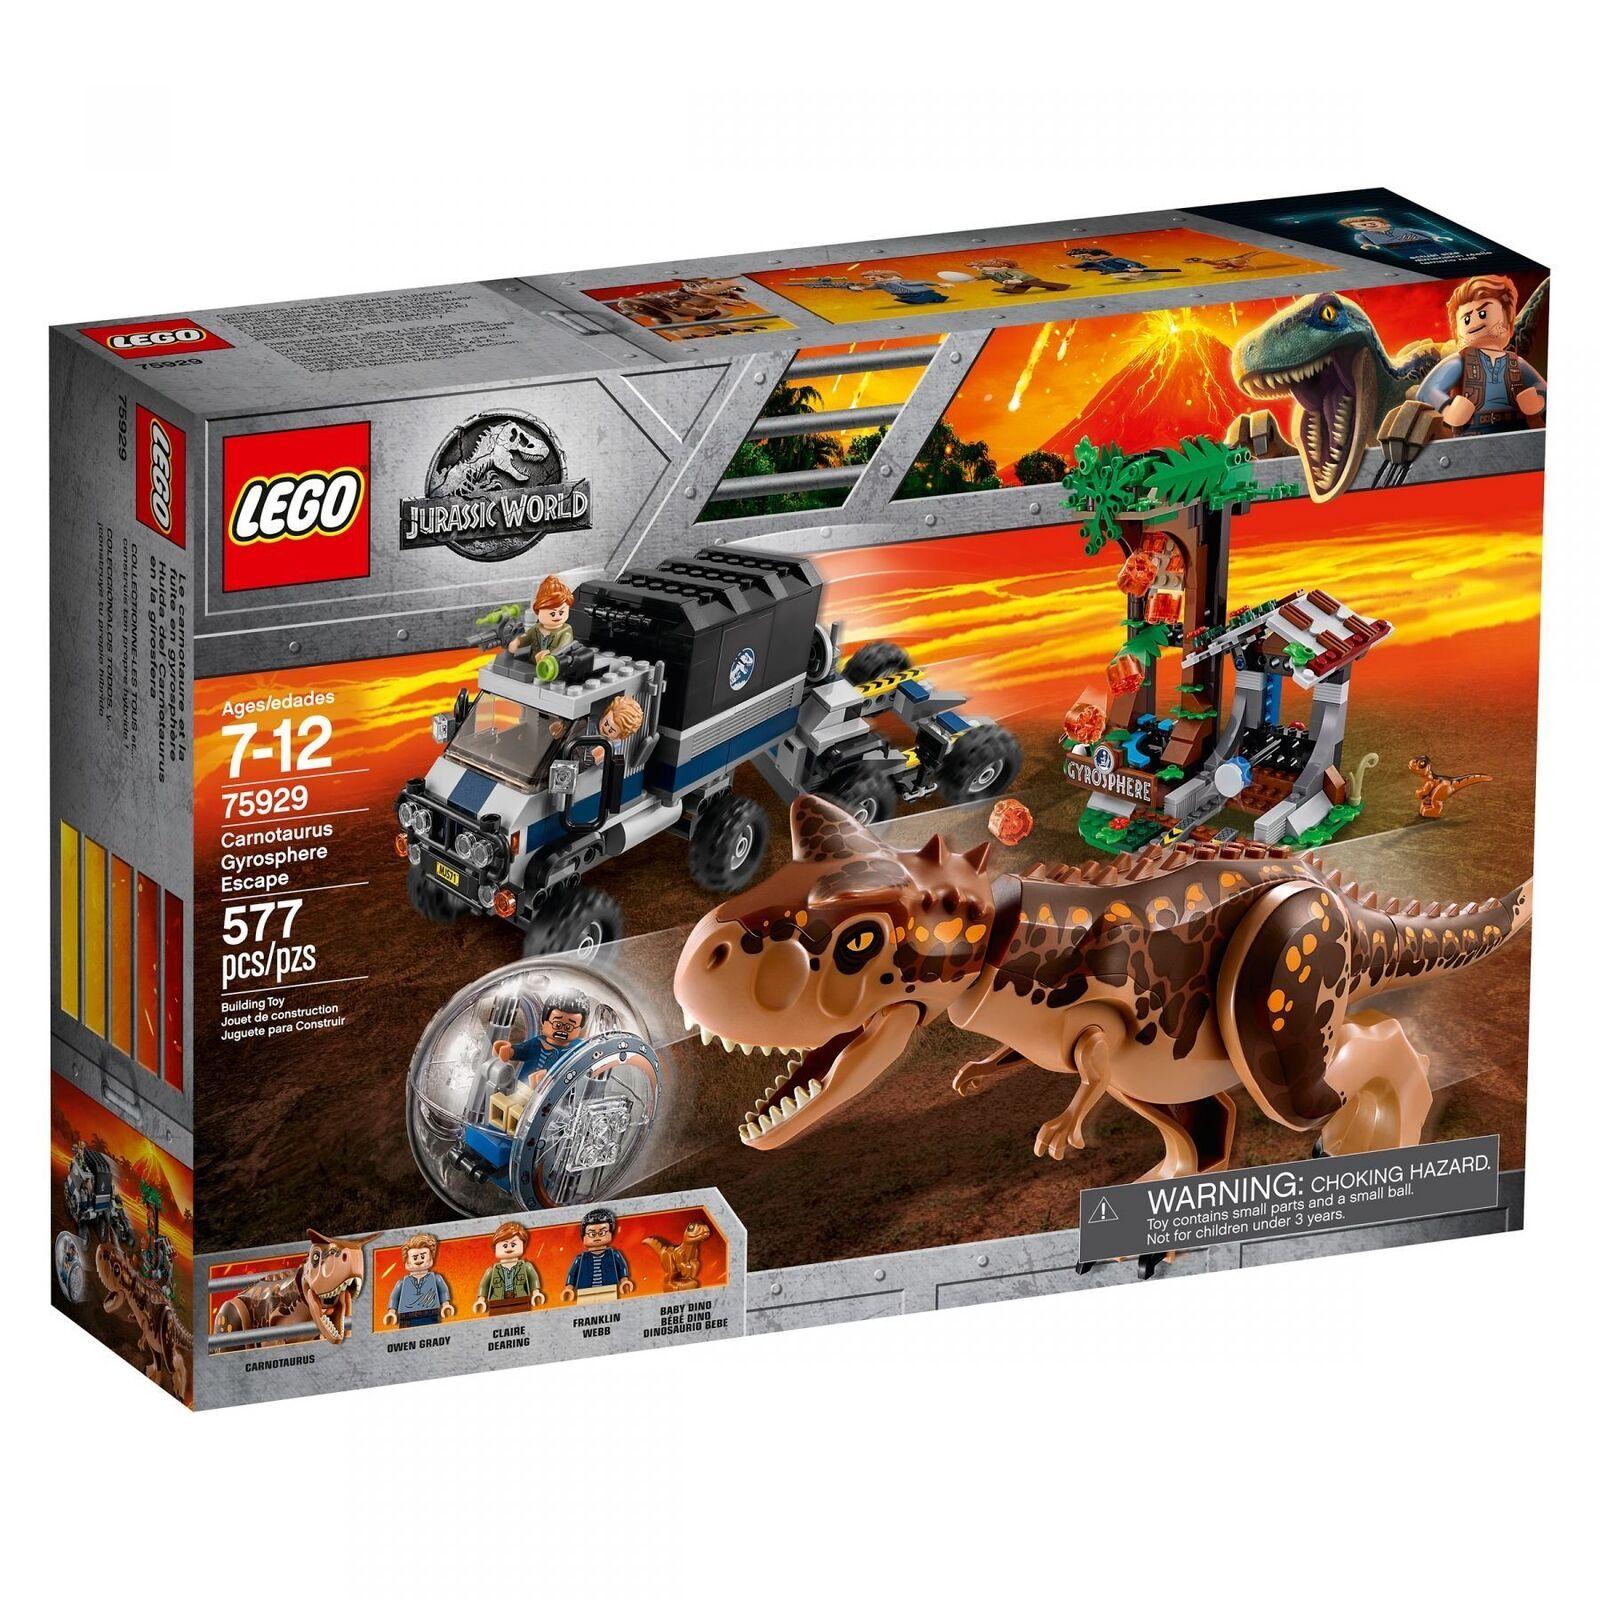 LEGO ® Jurassic World ™ 75929 un Carnotaurus-fuite dans la gyrosphere Neuf New En parfait état, dans sa boîte scellée